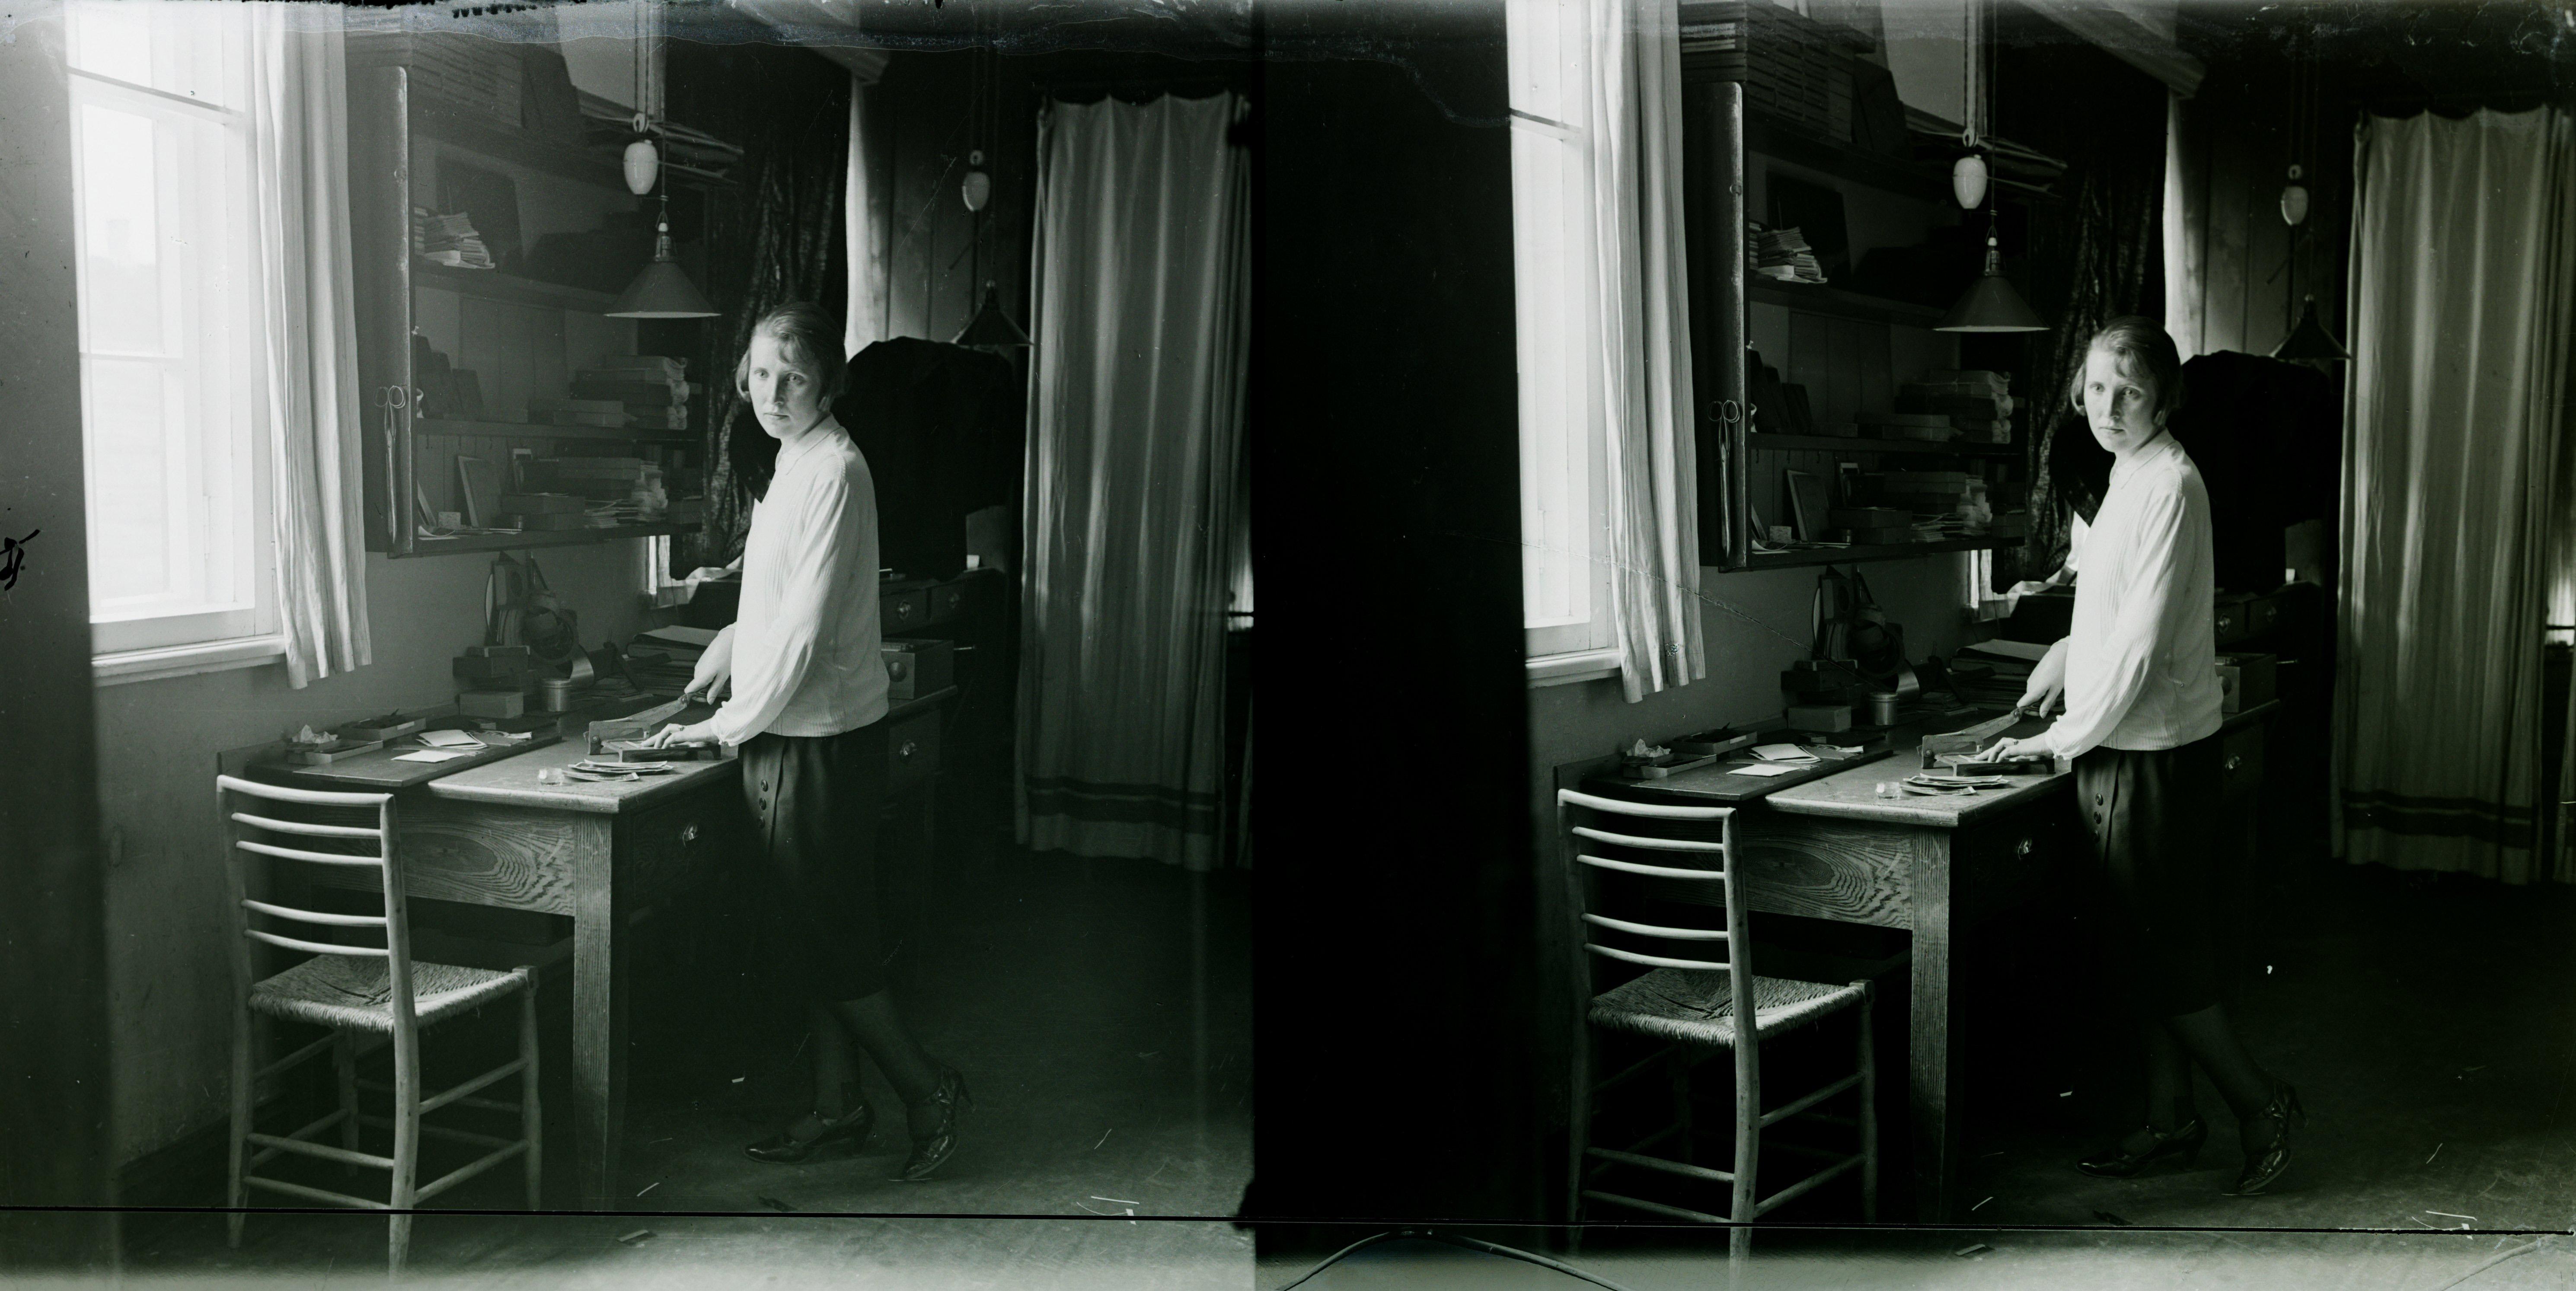 Posti ja Koidu tänava nurgal asunud Jaan Rieti fotoateljee sisevaade, esiplaanil ateljeetööline, laual fotode ja negatiivide viimistlusvahendid, tagaplaanil akna ääres laual negatiivide retuššimispult, u 1920–30. Jaan Riet, stereonegatiiv, EFA.4-6569